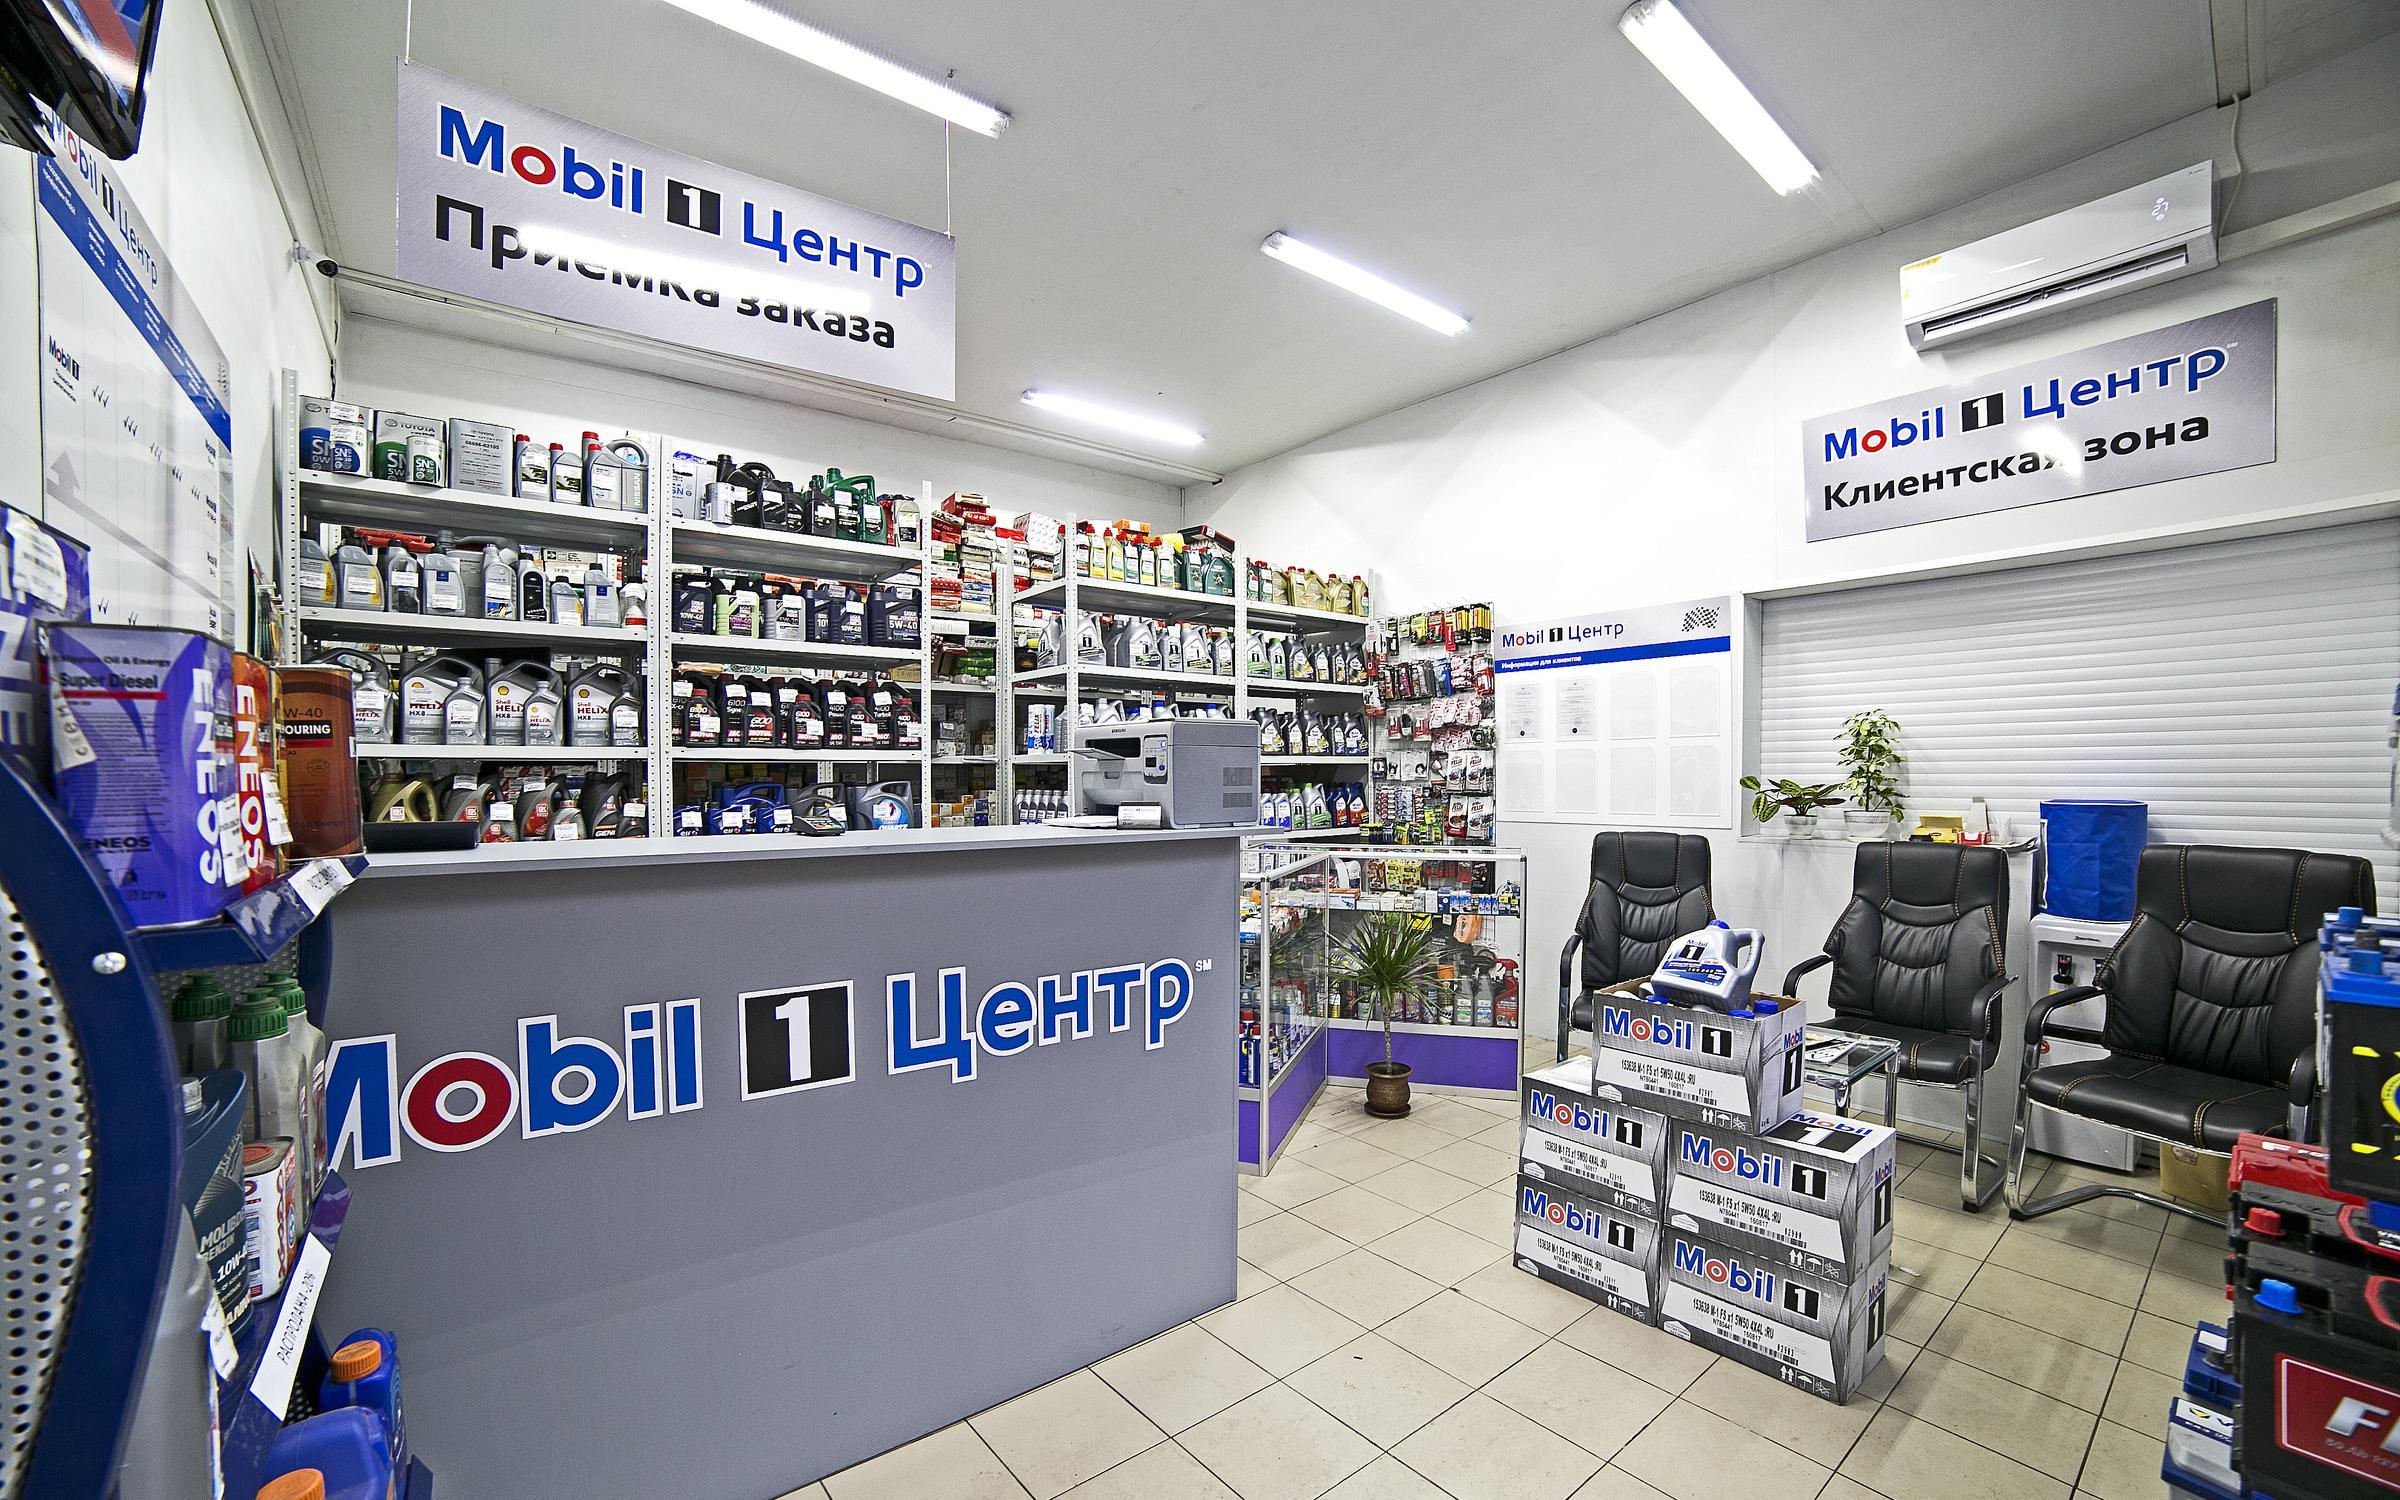 фотография Автосервиса Mobil 1 центр на Транспортной улице